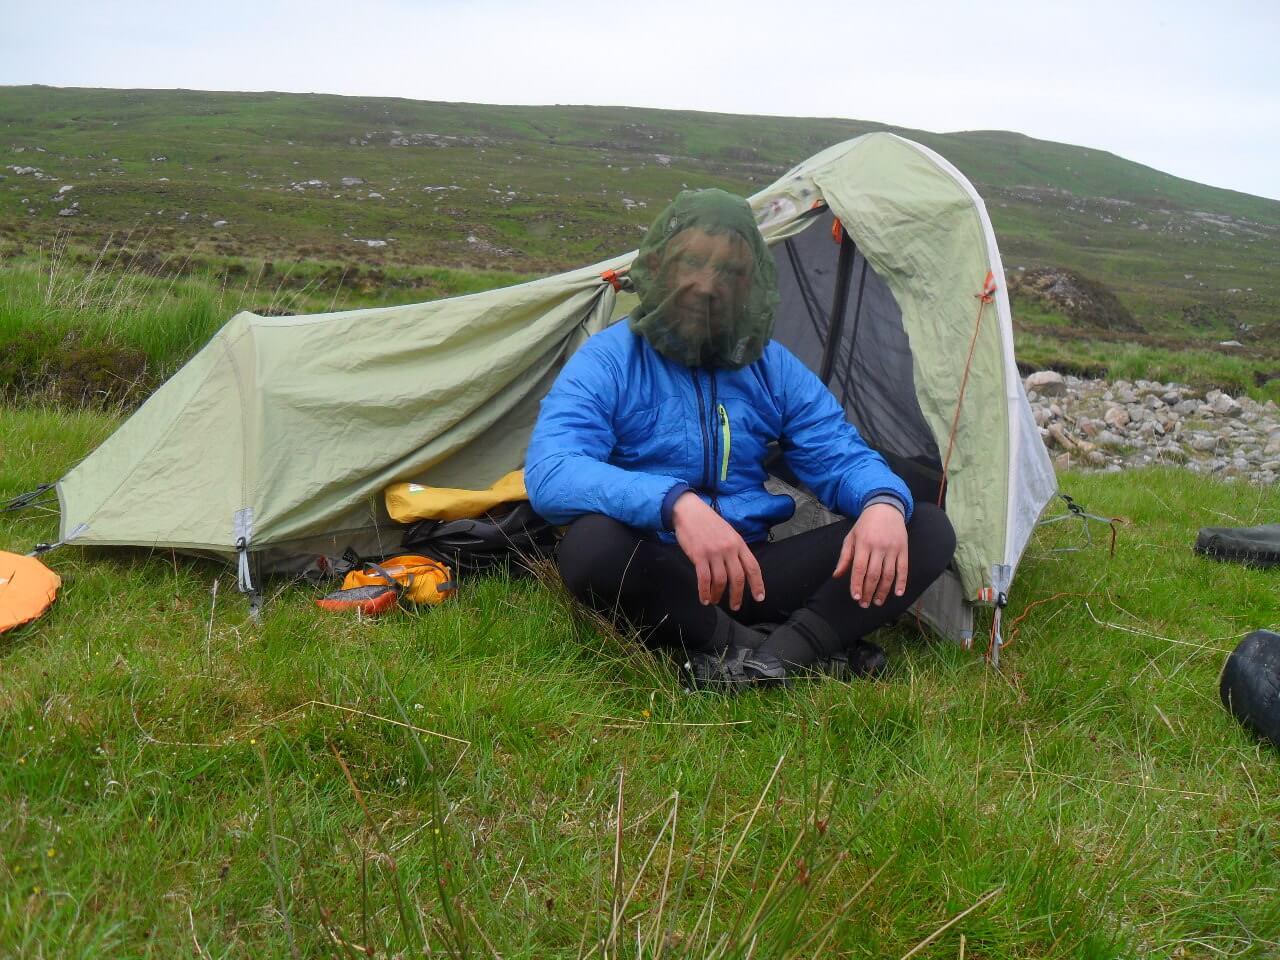 Aber man ist ja gerüstet.<br> Wildcampen in the middle of nowhere, am Ende von Glen Golly, kurz vor dem nördlichsten Punkt des HTR, mindestens 12km Luftlinie von der nächsten Siedlung entfernt, 30km seit dem letzten Schaf, 1cm bis zu nächsten Mücke.<br> Genau hier wollte ich hin.<br><br> <strong>Alba gubrath!</strong>